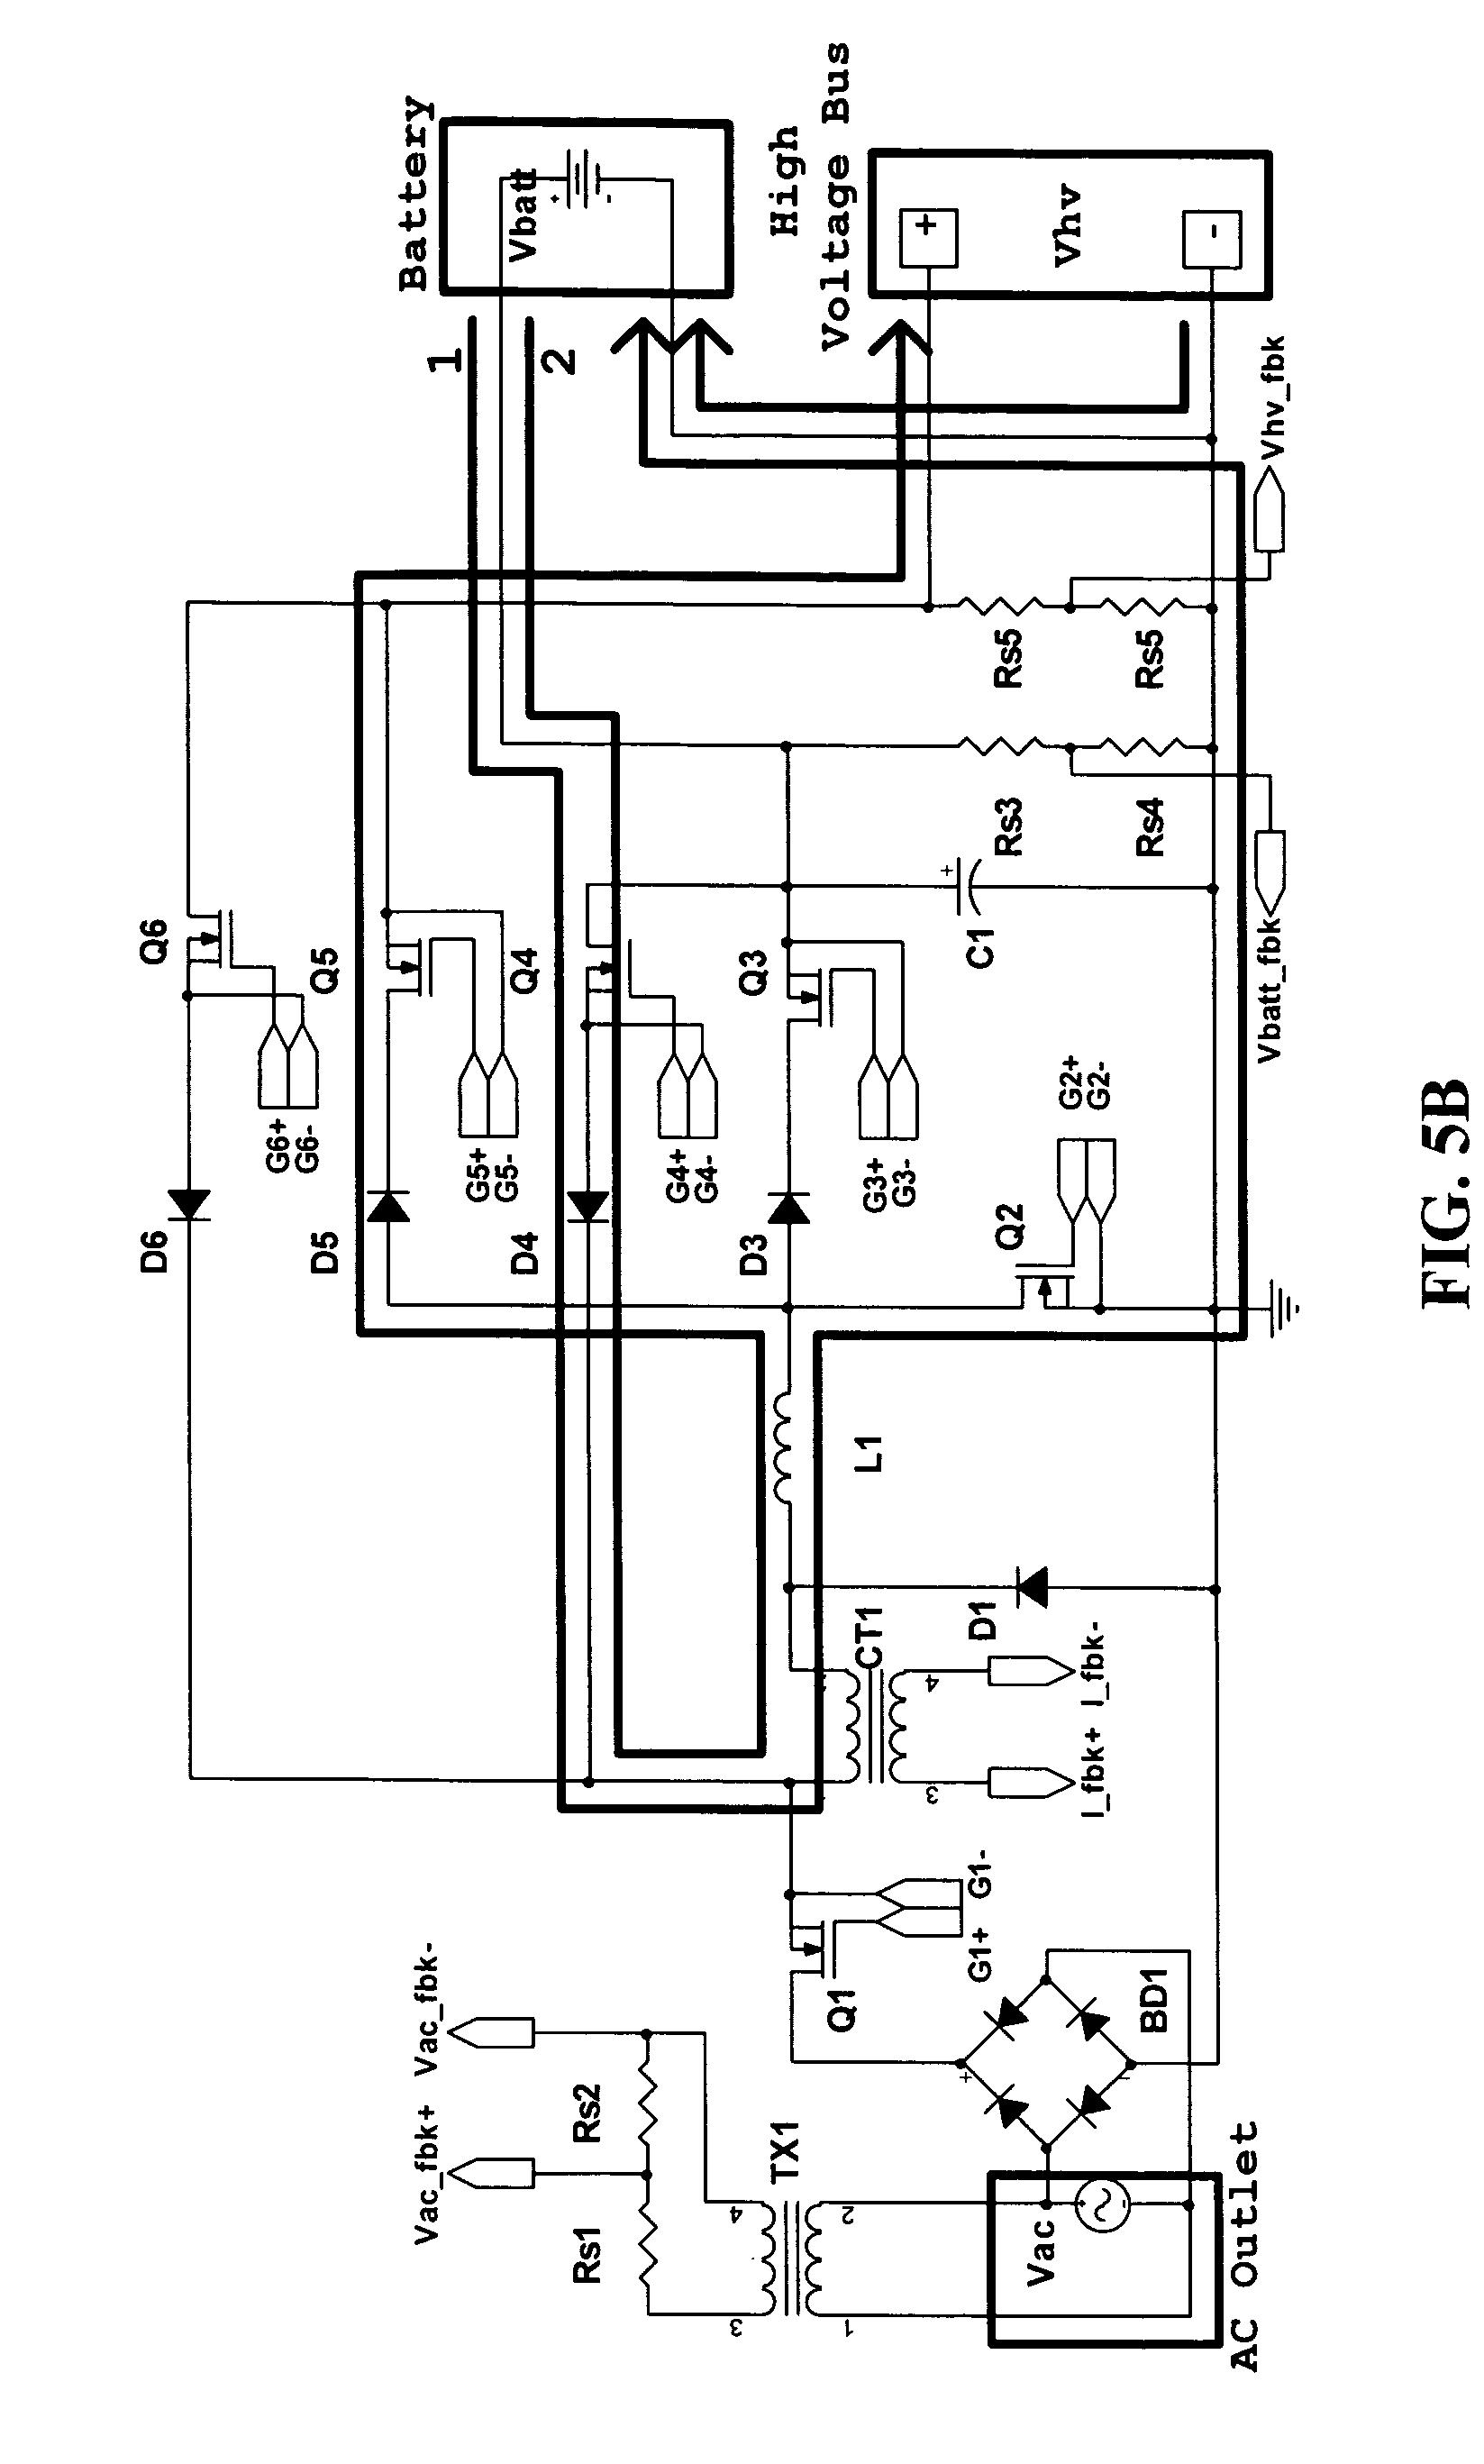 patent us7889524